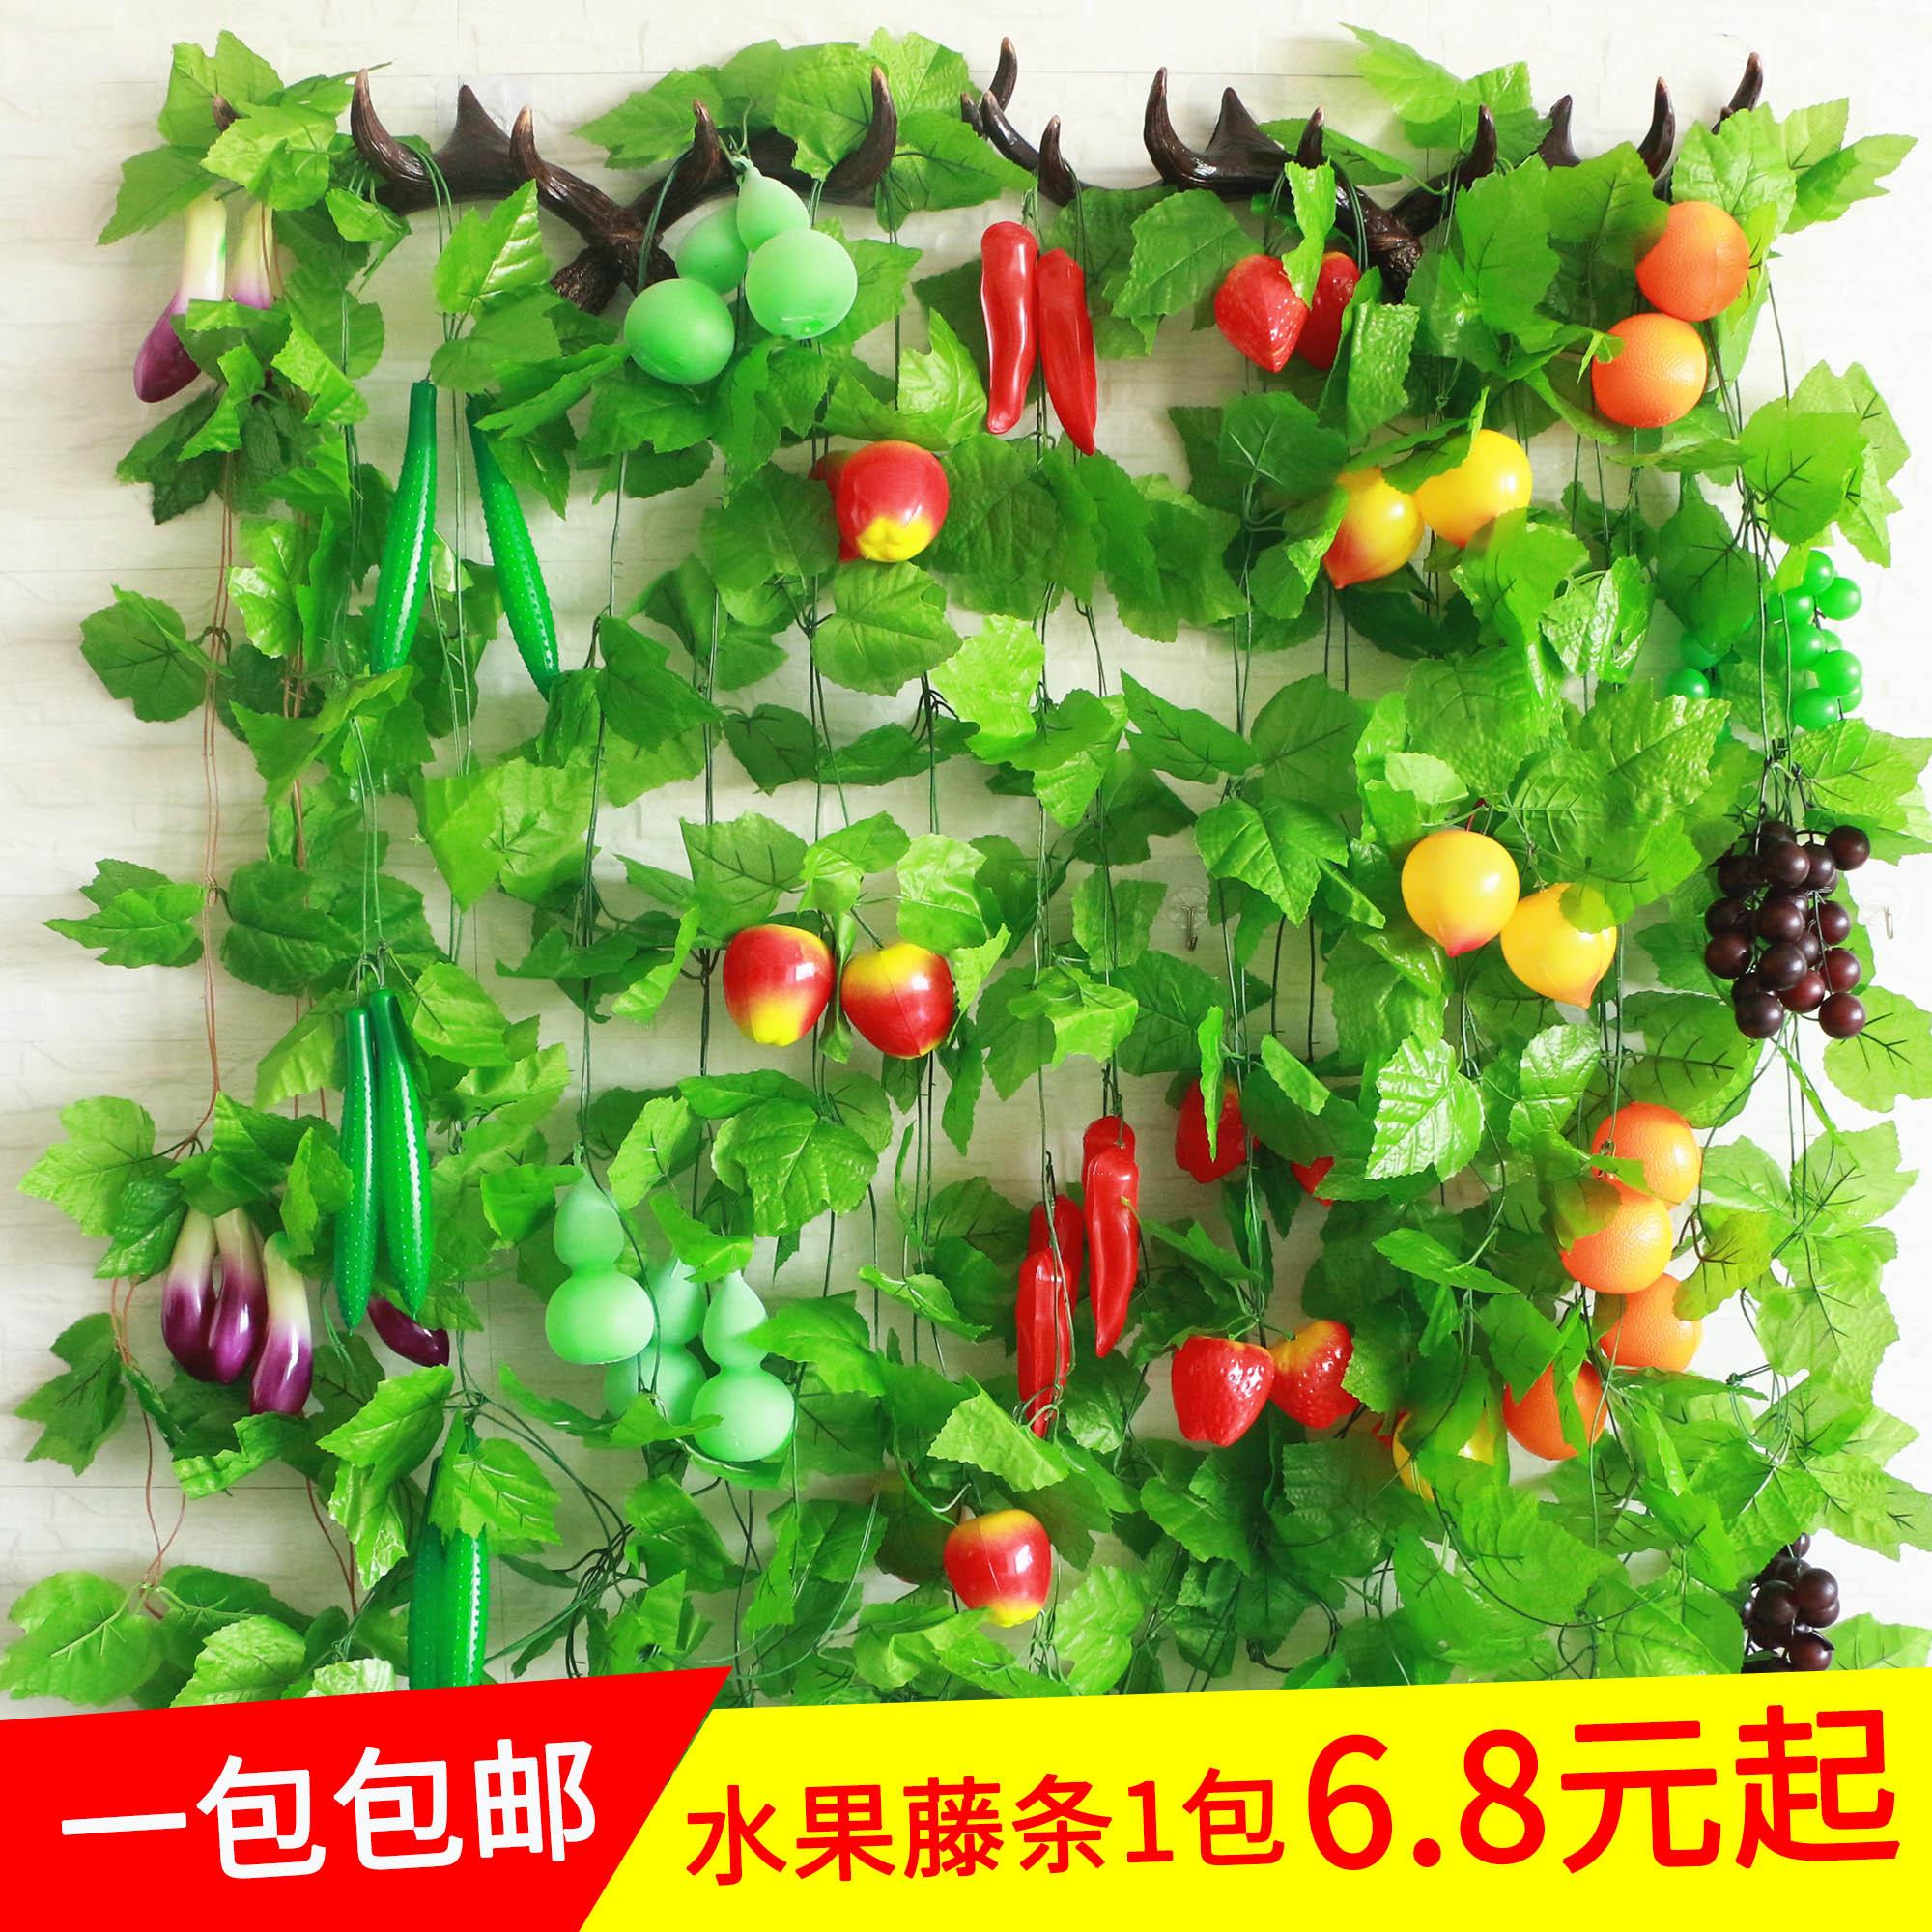 仿真水果藤条假花葡萄叶子塑料藤蔓吊顶管道缠绕室内蔬菜装饰花藤